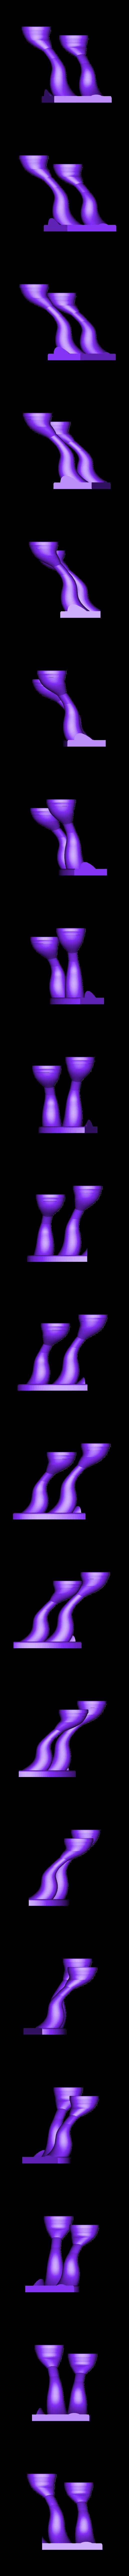 tealight_holder_v3_part_4.stl Télécharger fichier STL gratuit Porte-bougie à chauffe-plat • Design pour imprimante 3D, poblocki1982